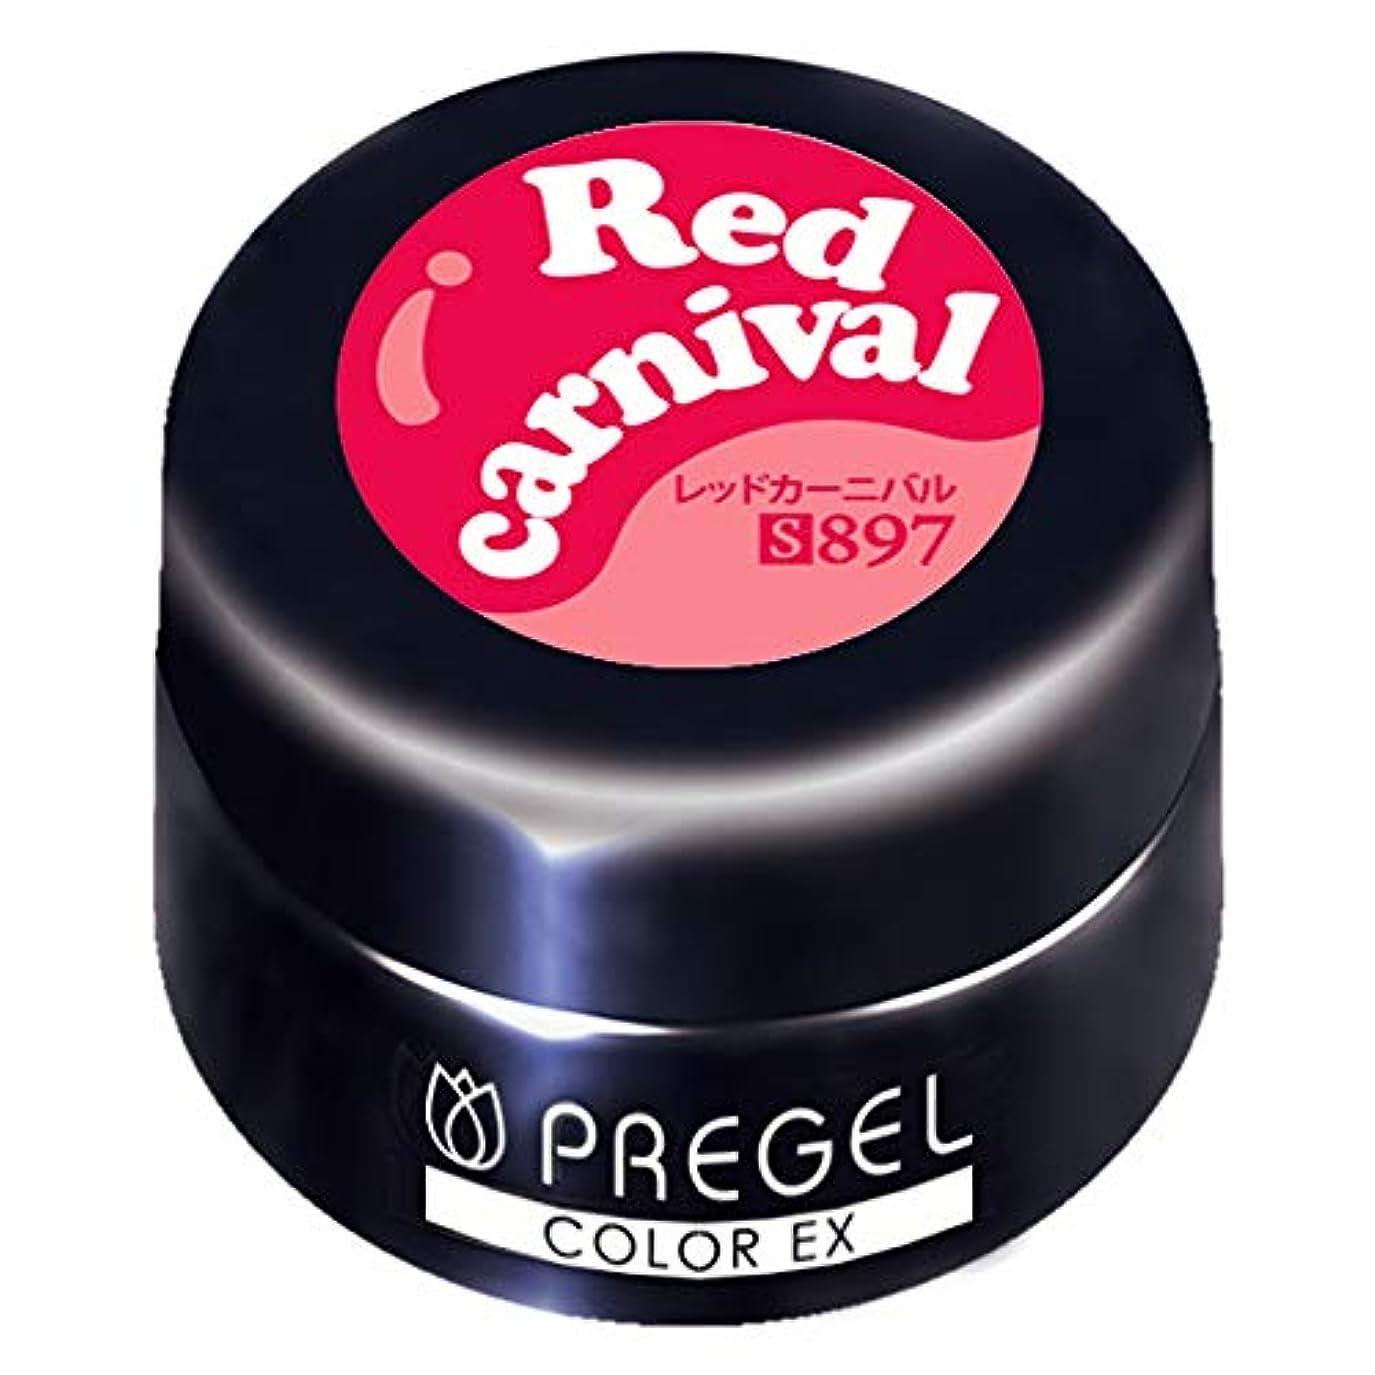 ほのめかすプラットフォーム大腿PRE GEL カラーEX レッドカーニバル 3g PG-CE897